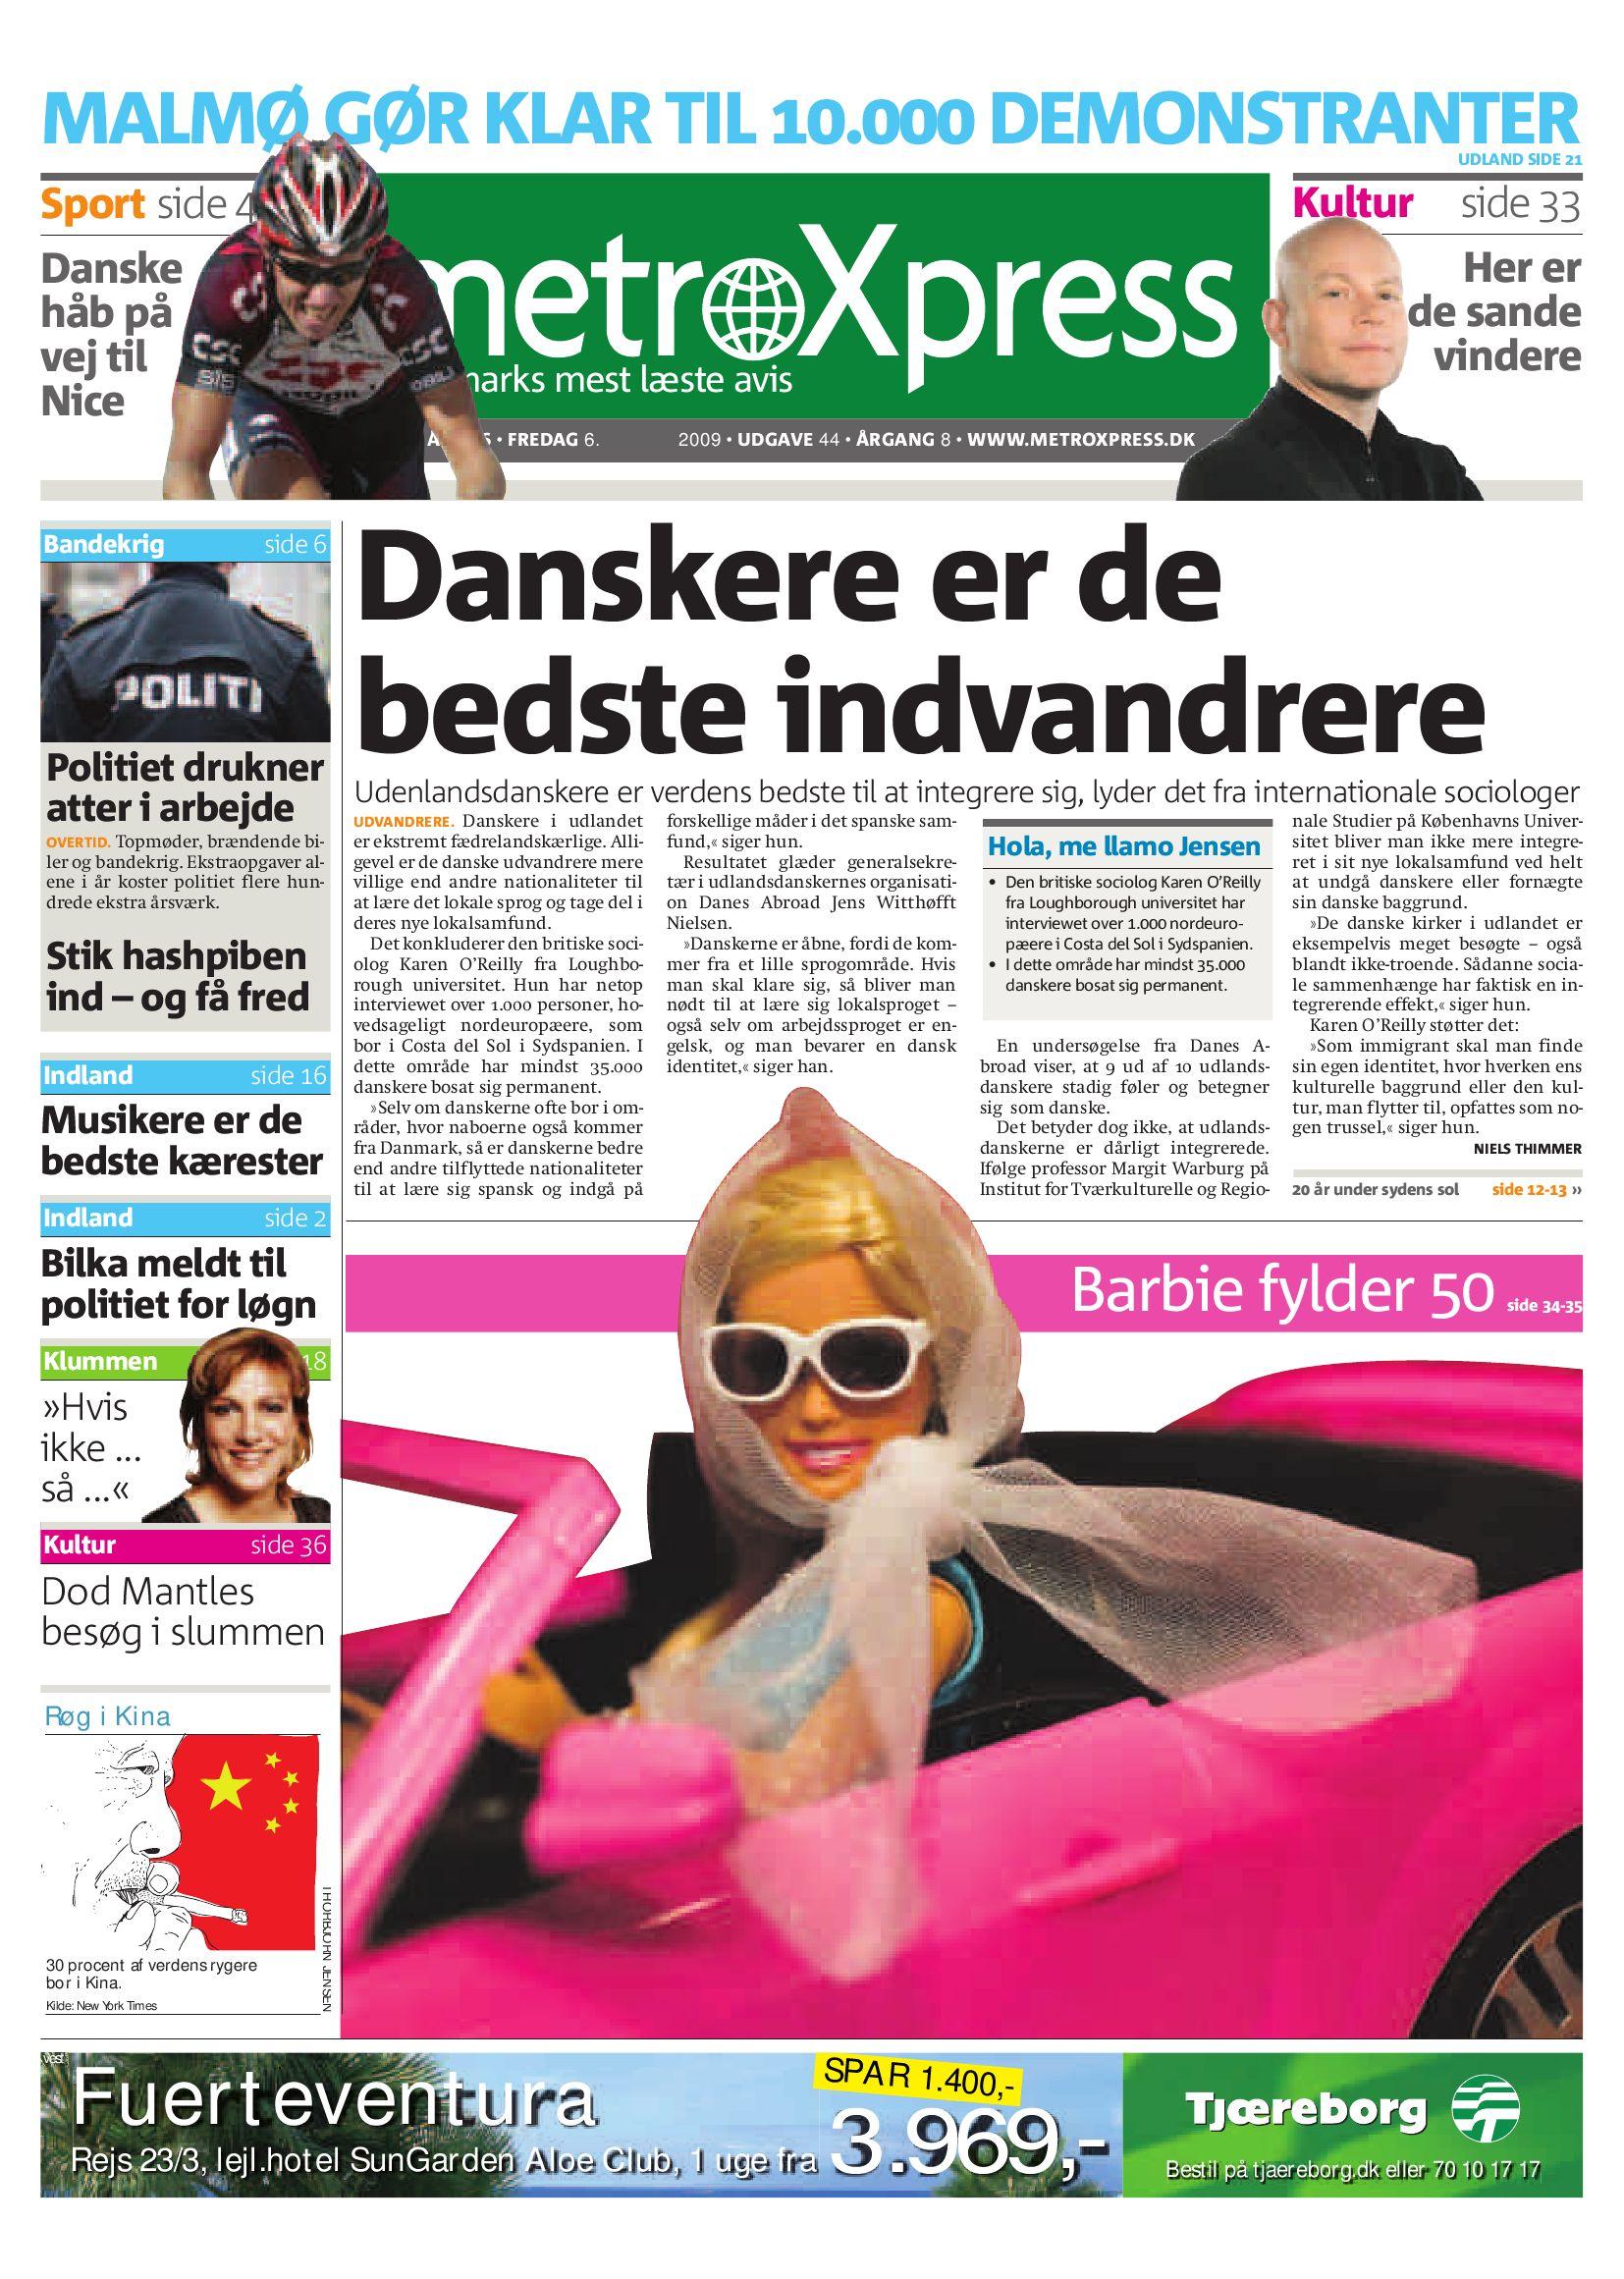 4e49763f73b MALMØ GØR KLAR TIL . DEMONSTRANTER by Metro International ...